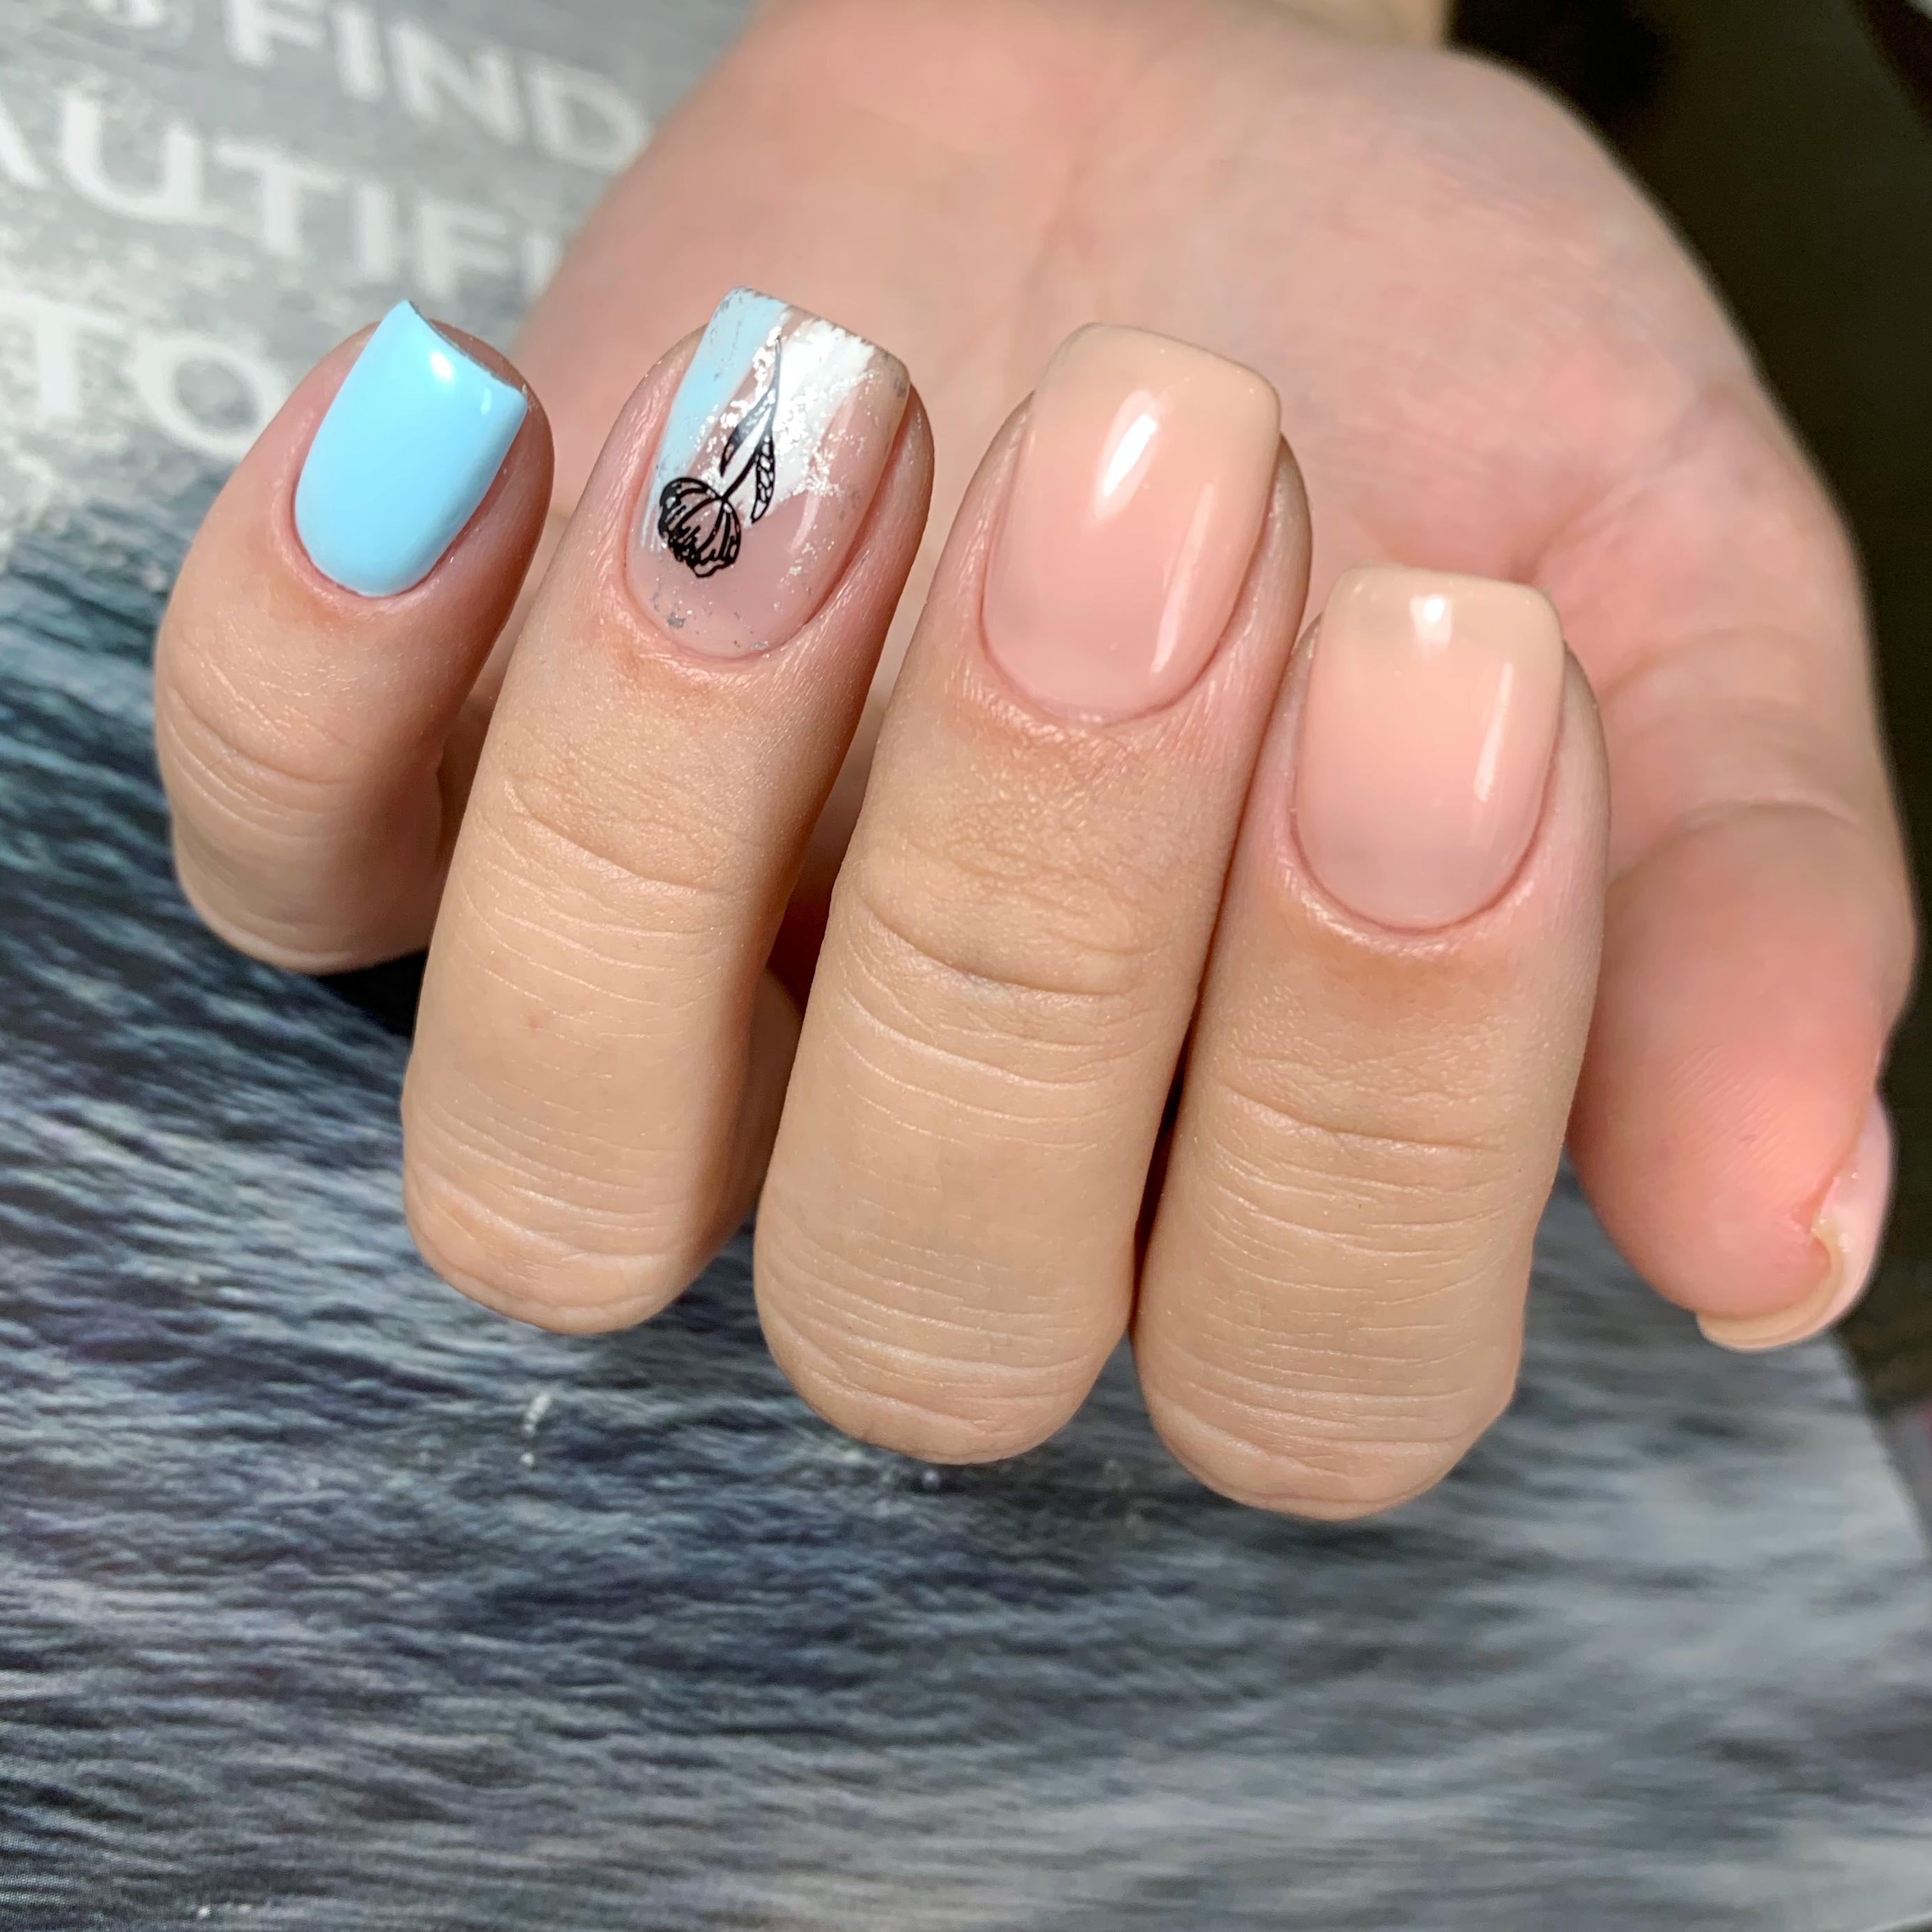 Нюдовый маникюр с цветочным слайдером на короткие ногти.